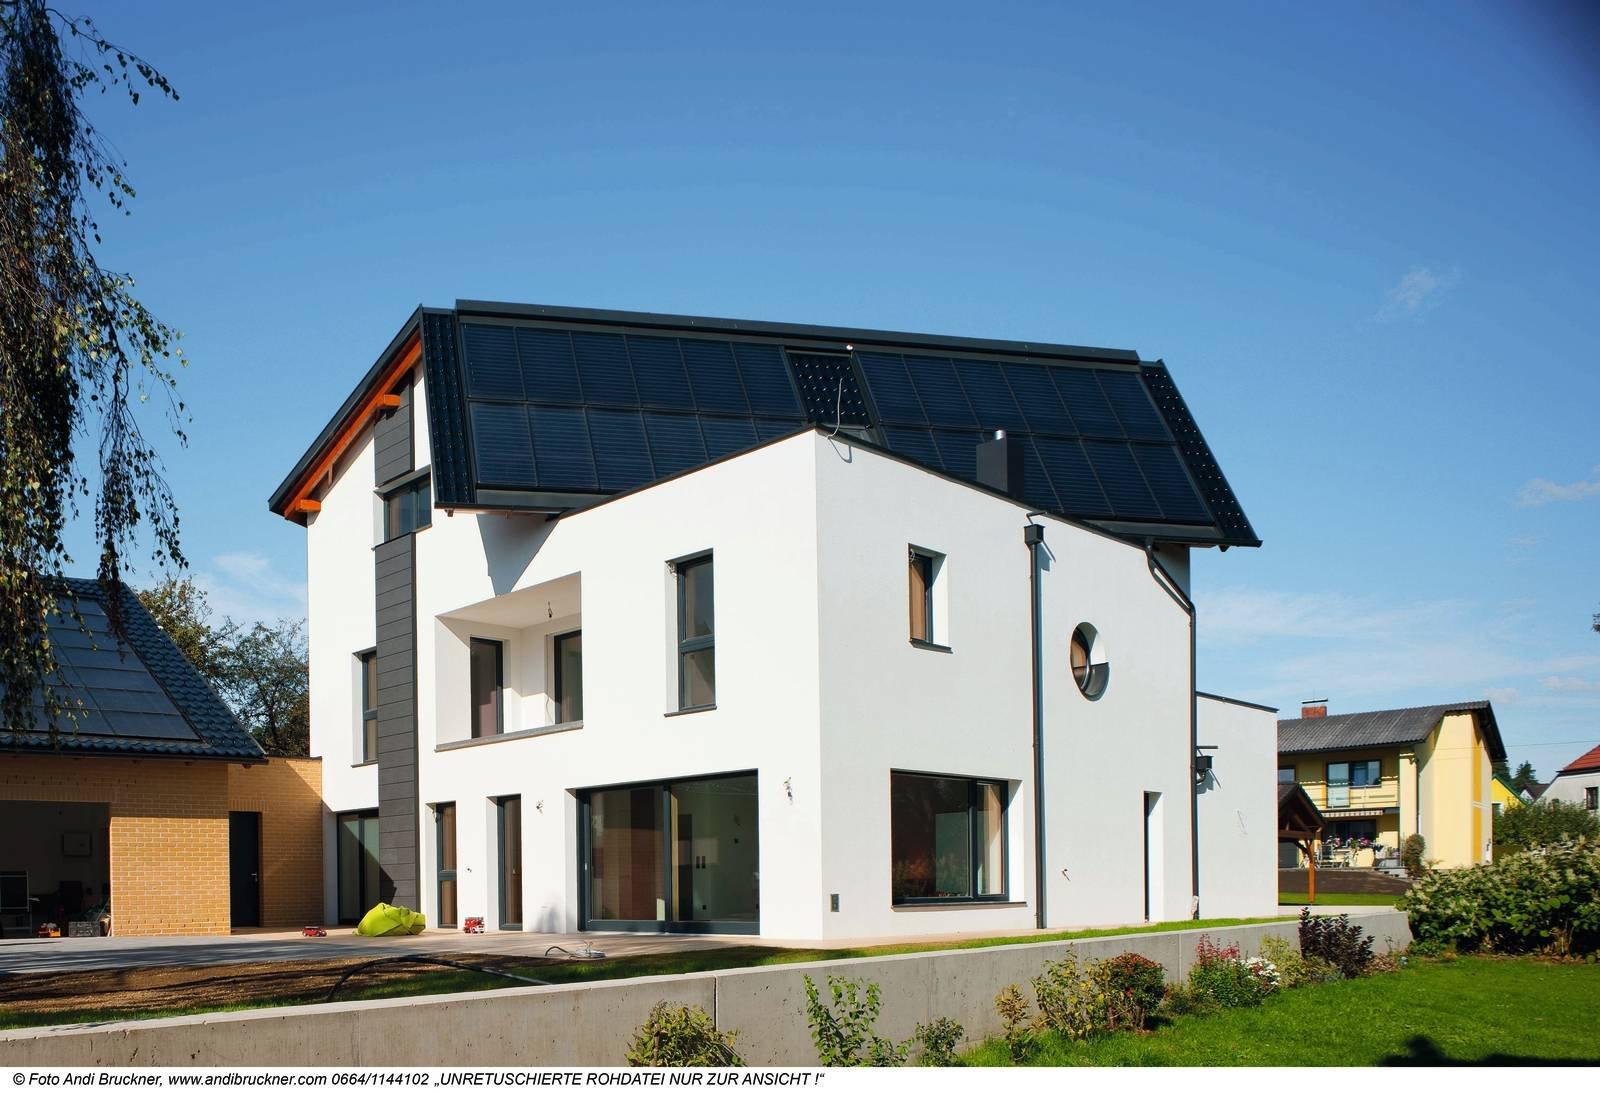 Modelli Di Case Da Costruire edilizia tradizionale rinnovata per case del futuro